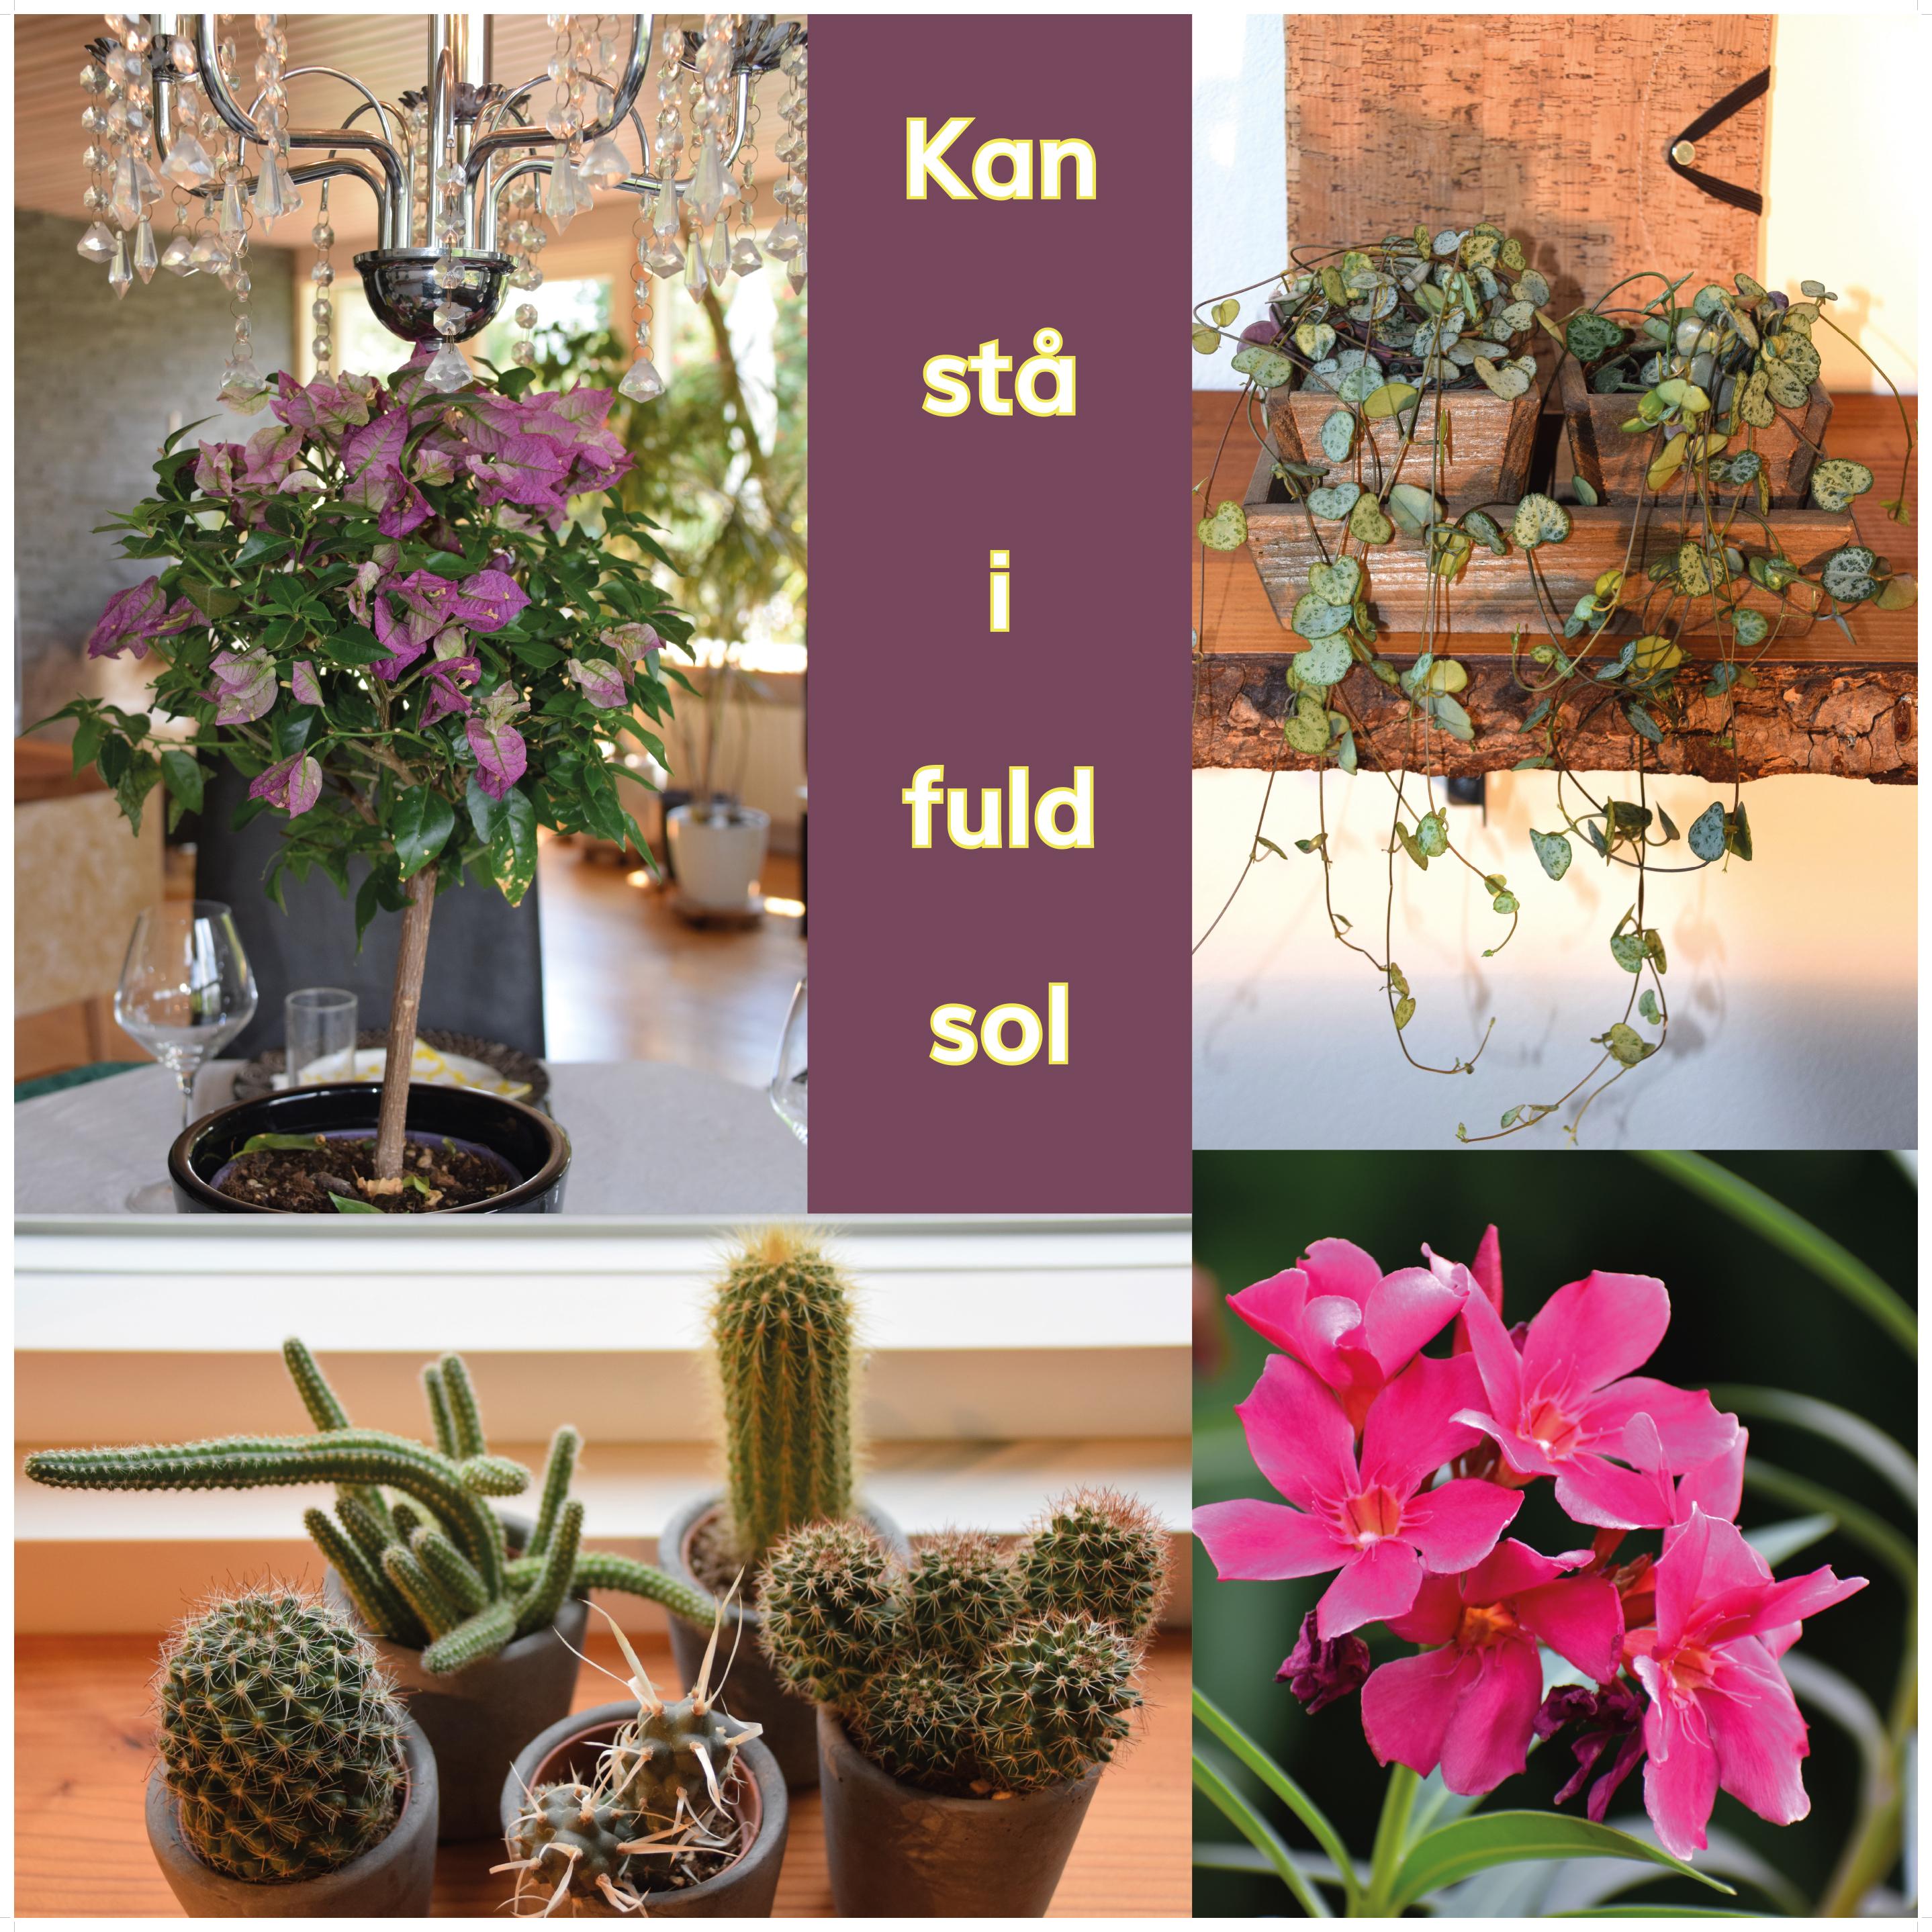 stueplanter der kan stå i fuld sol